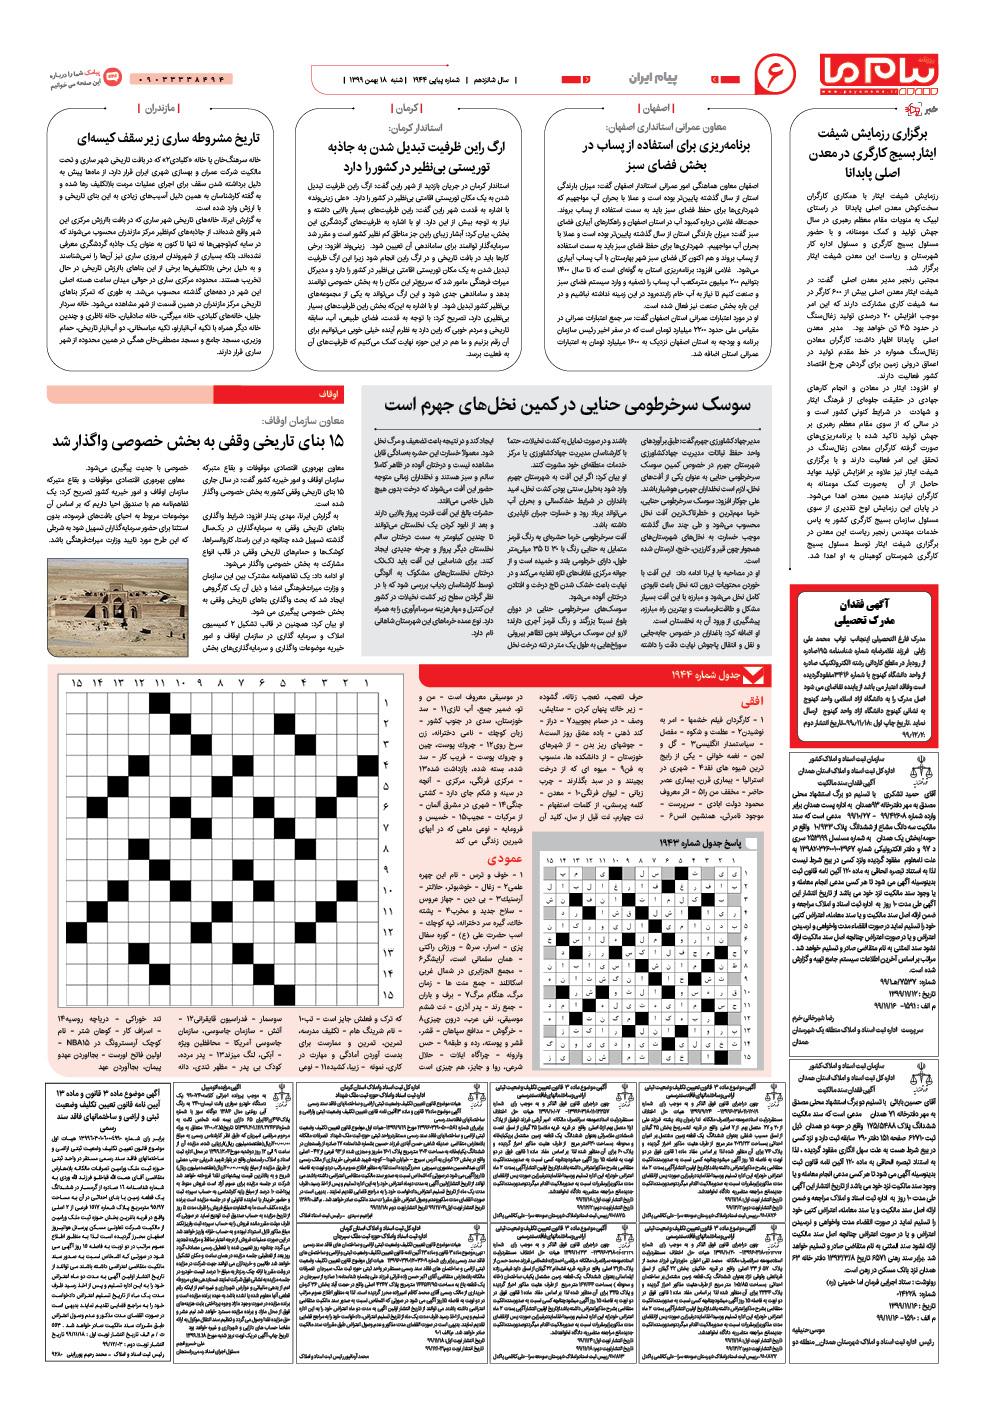 صفحه پیام ایران شماره ۱۹۴۴ روزنامه پیام ما